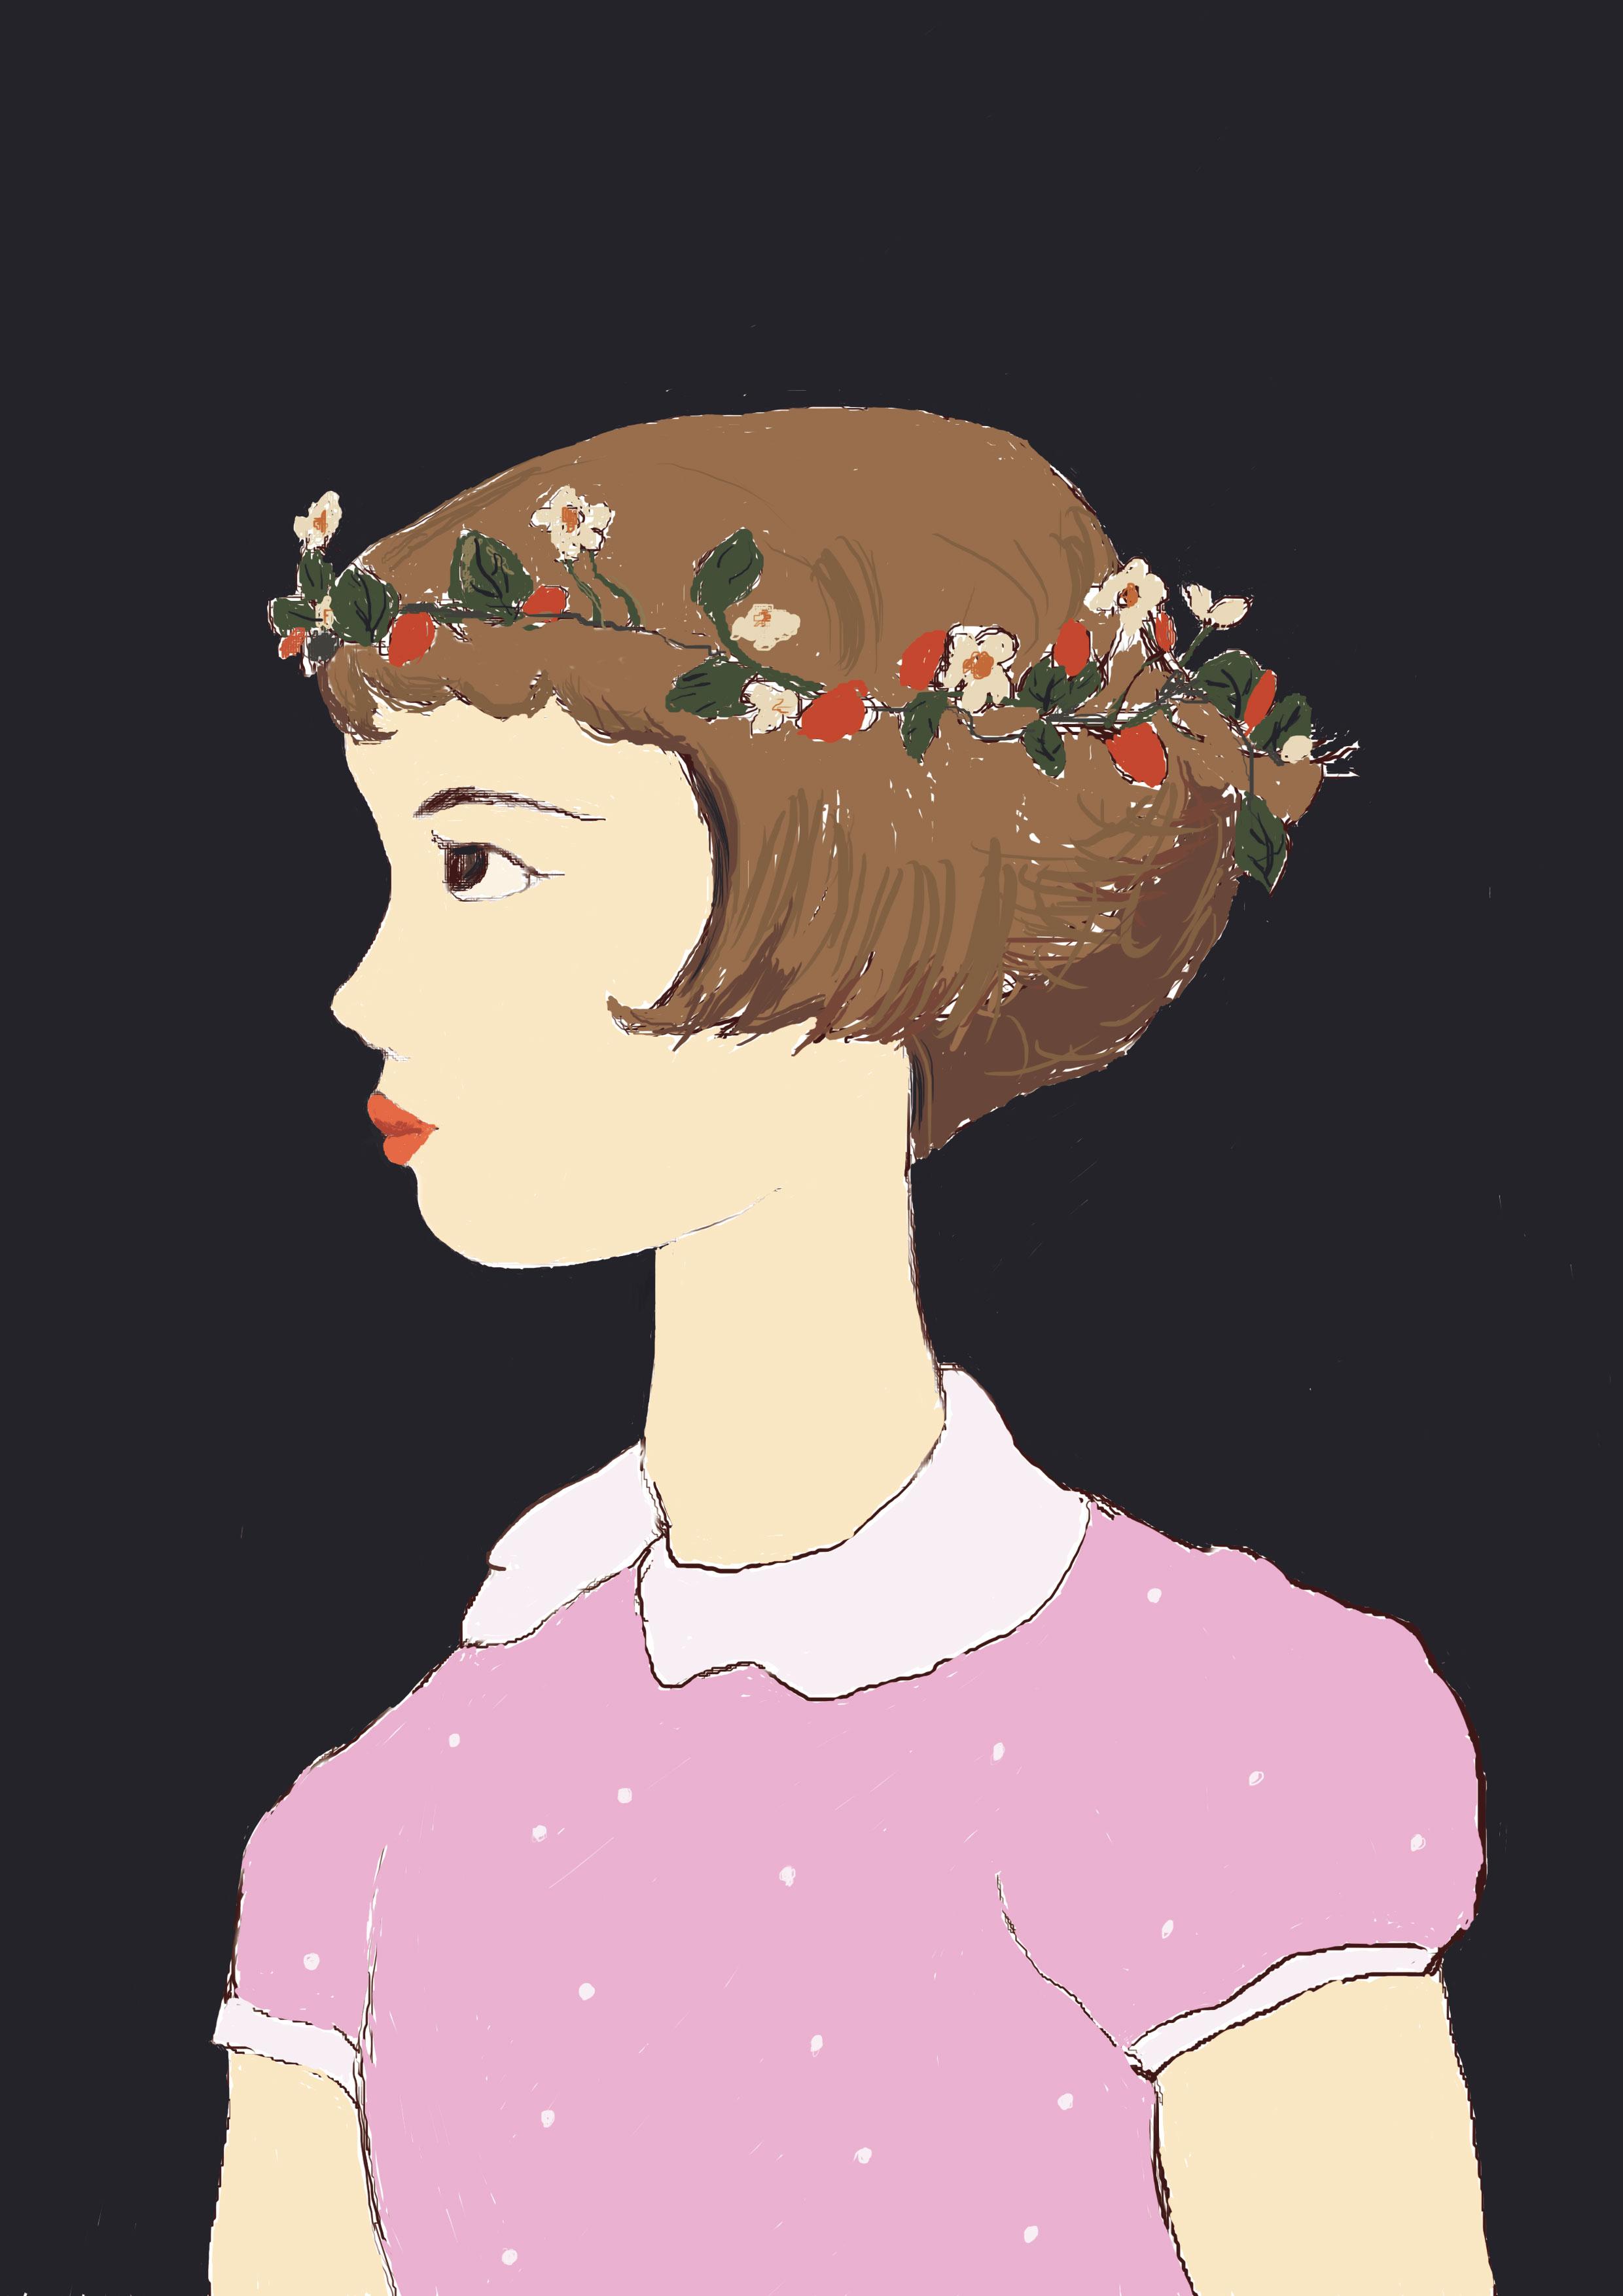 带花环的女孩      临摹手绘